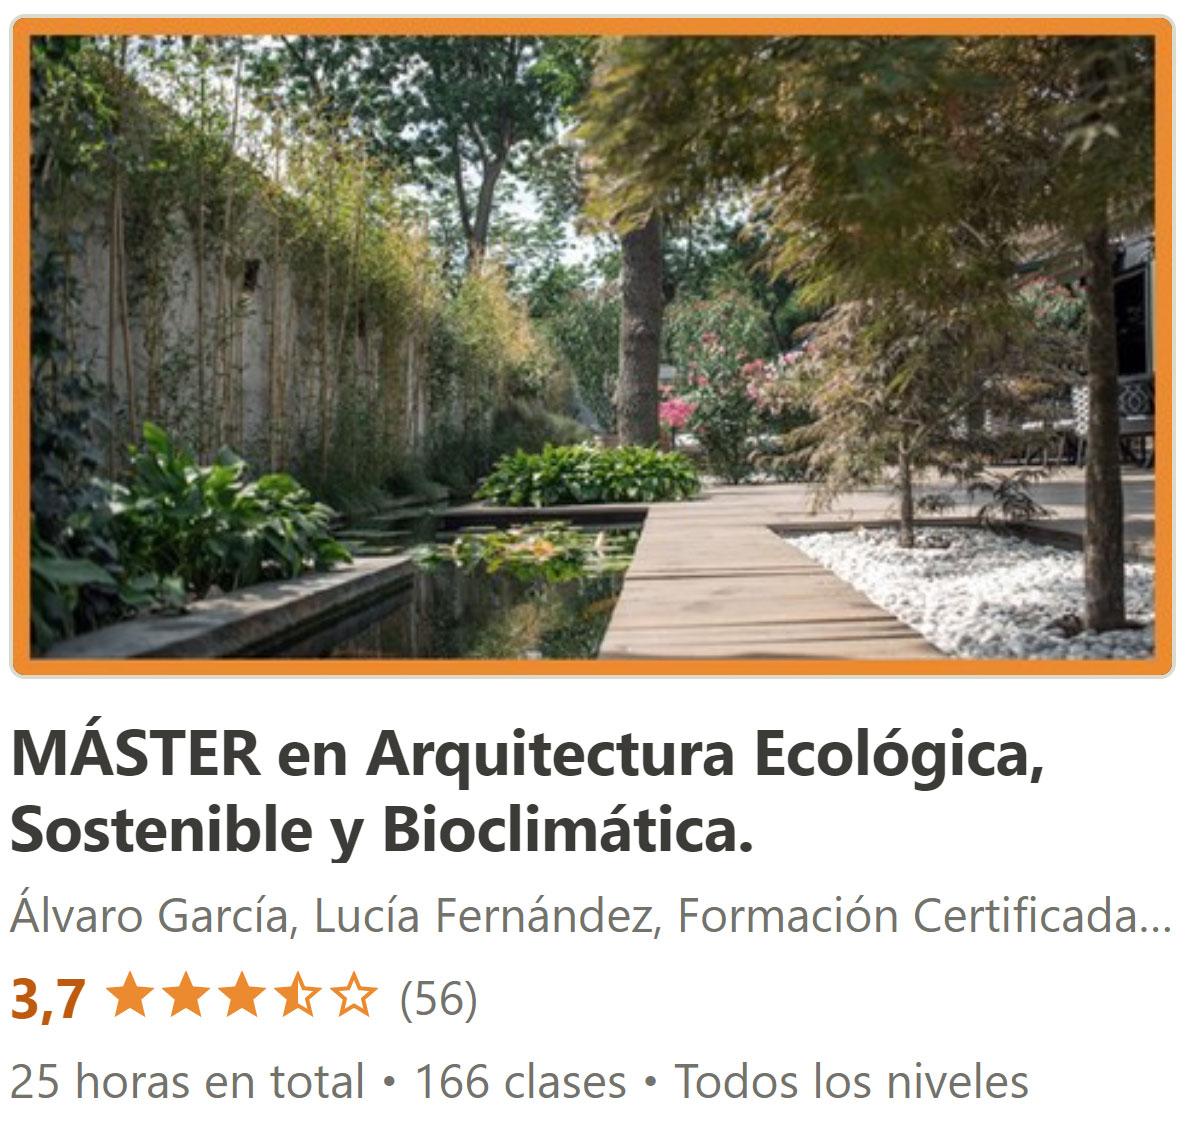 Master-Curso-ARquitectura-Ecologica-sotenible-bioclimatica